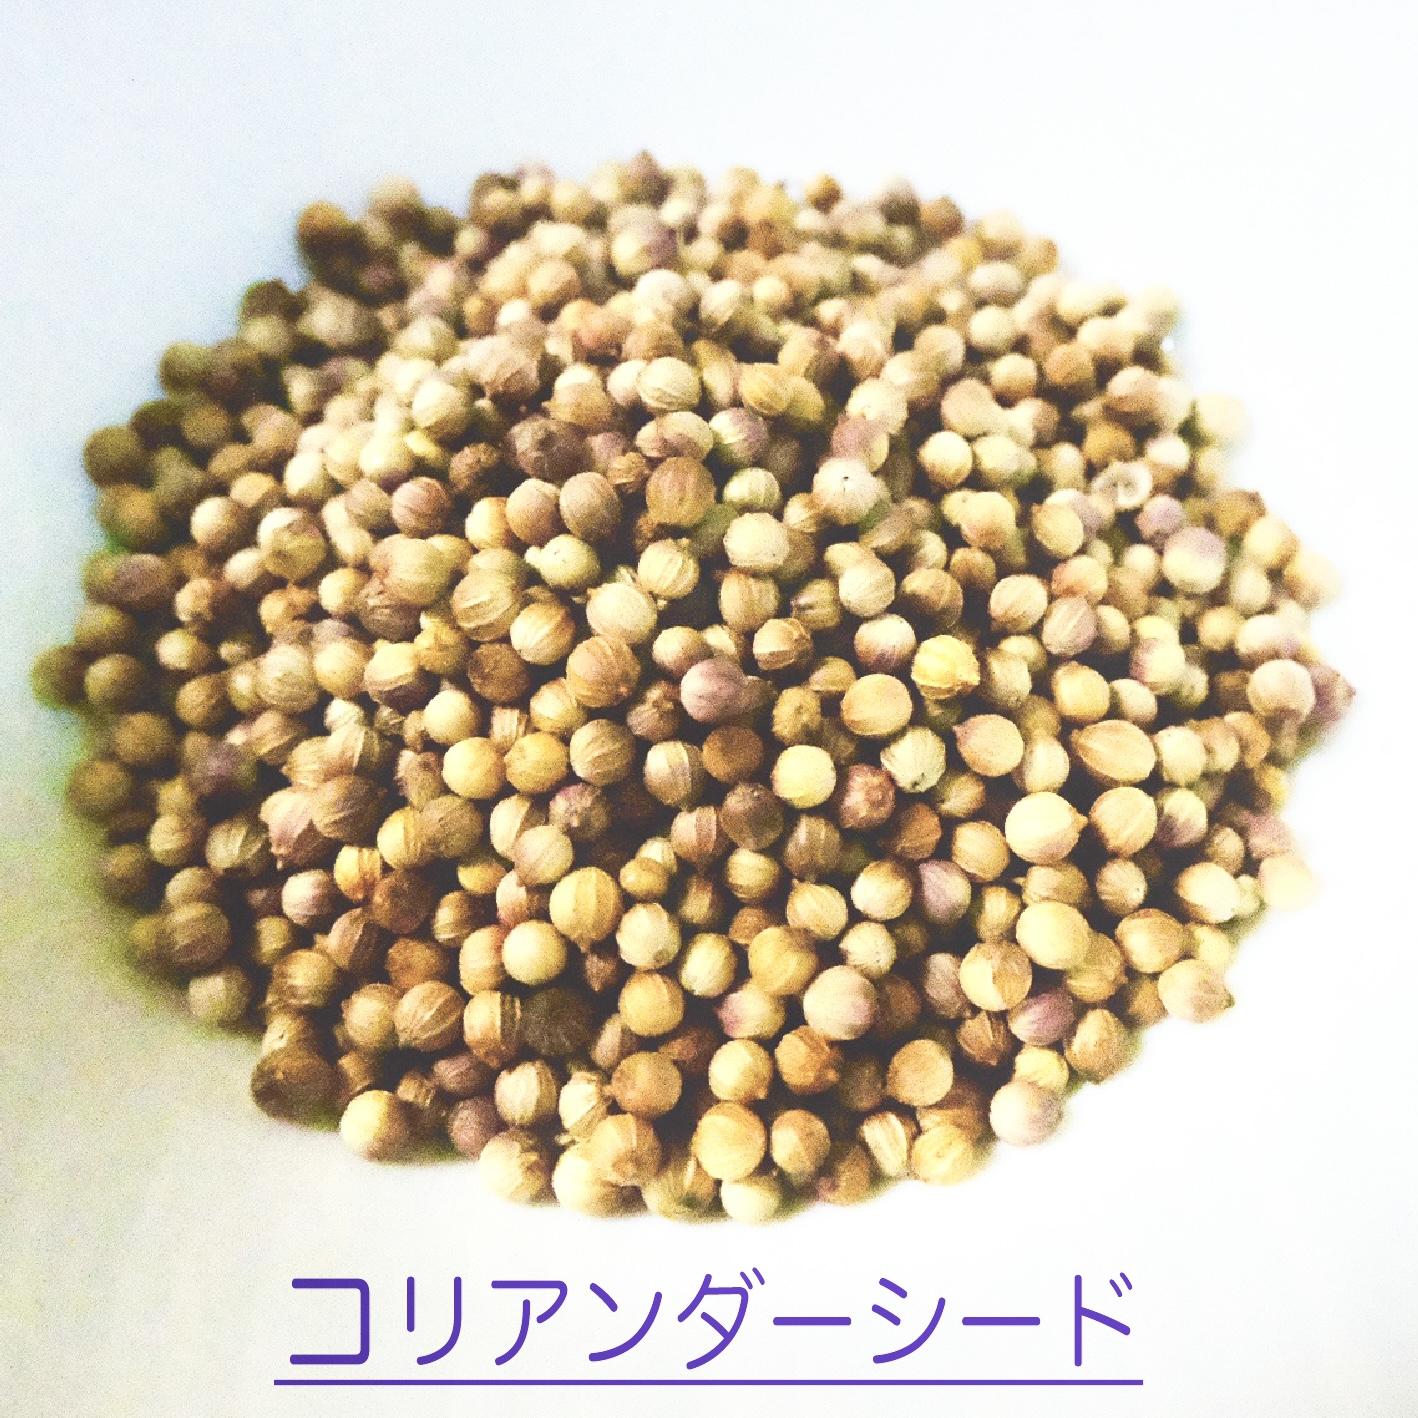 クラフトコーラの食材紹介 vol.6 コリアンダーシード